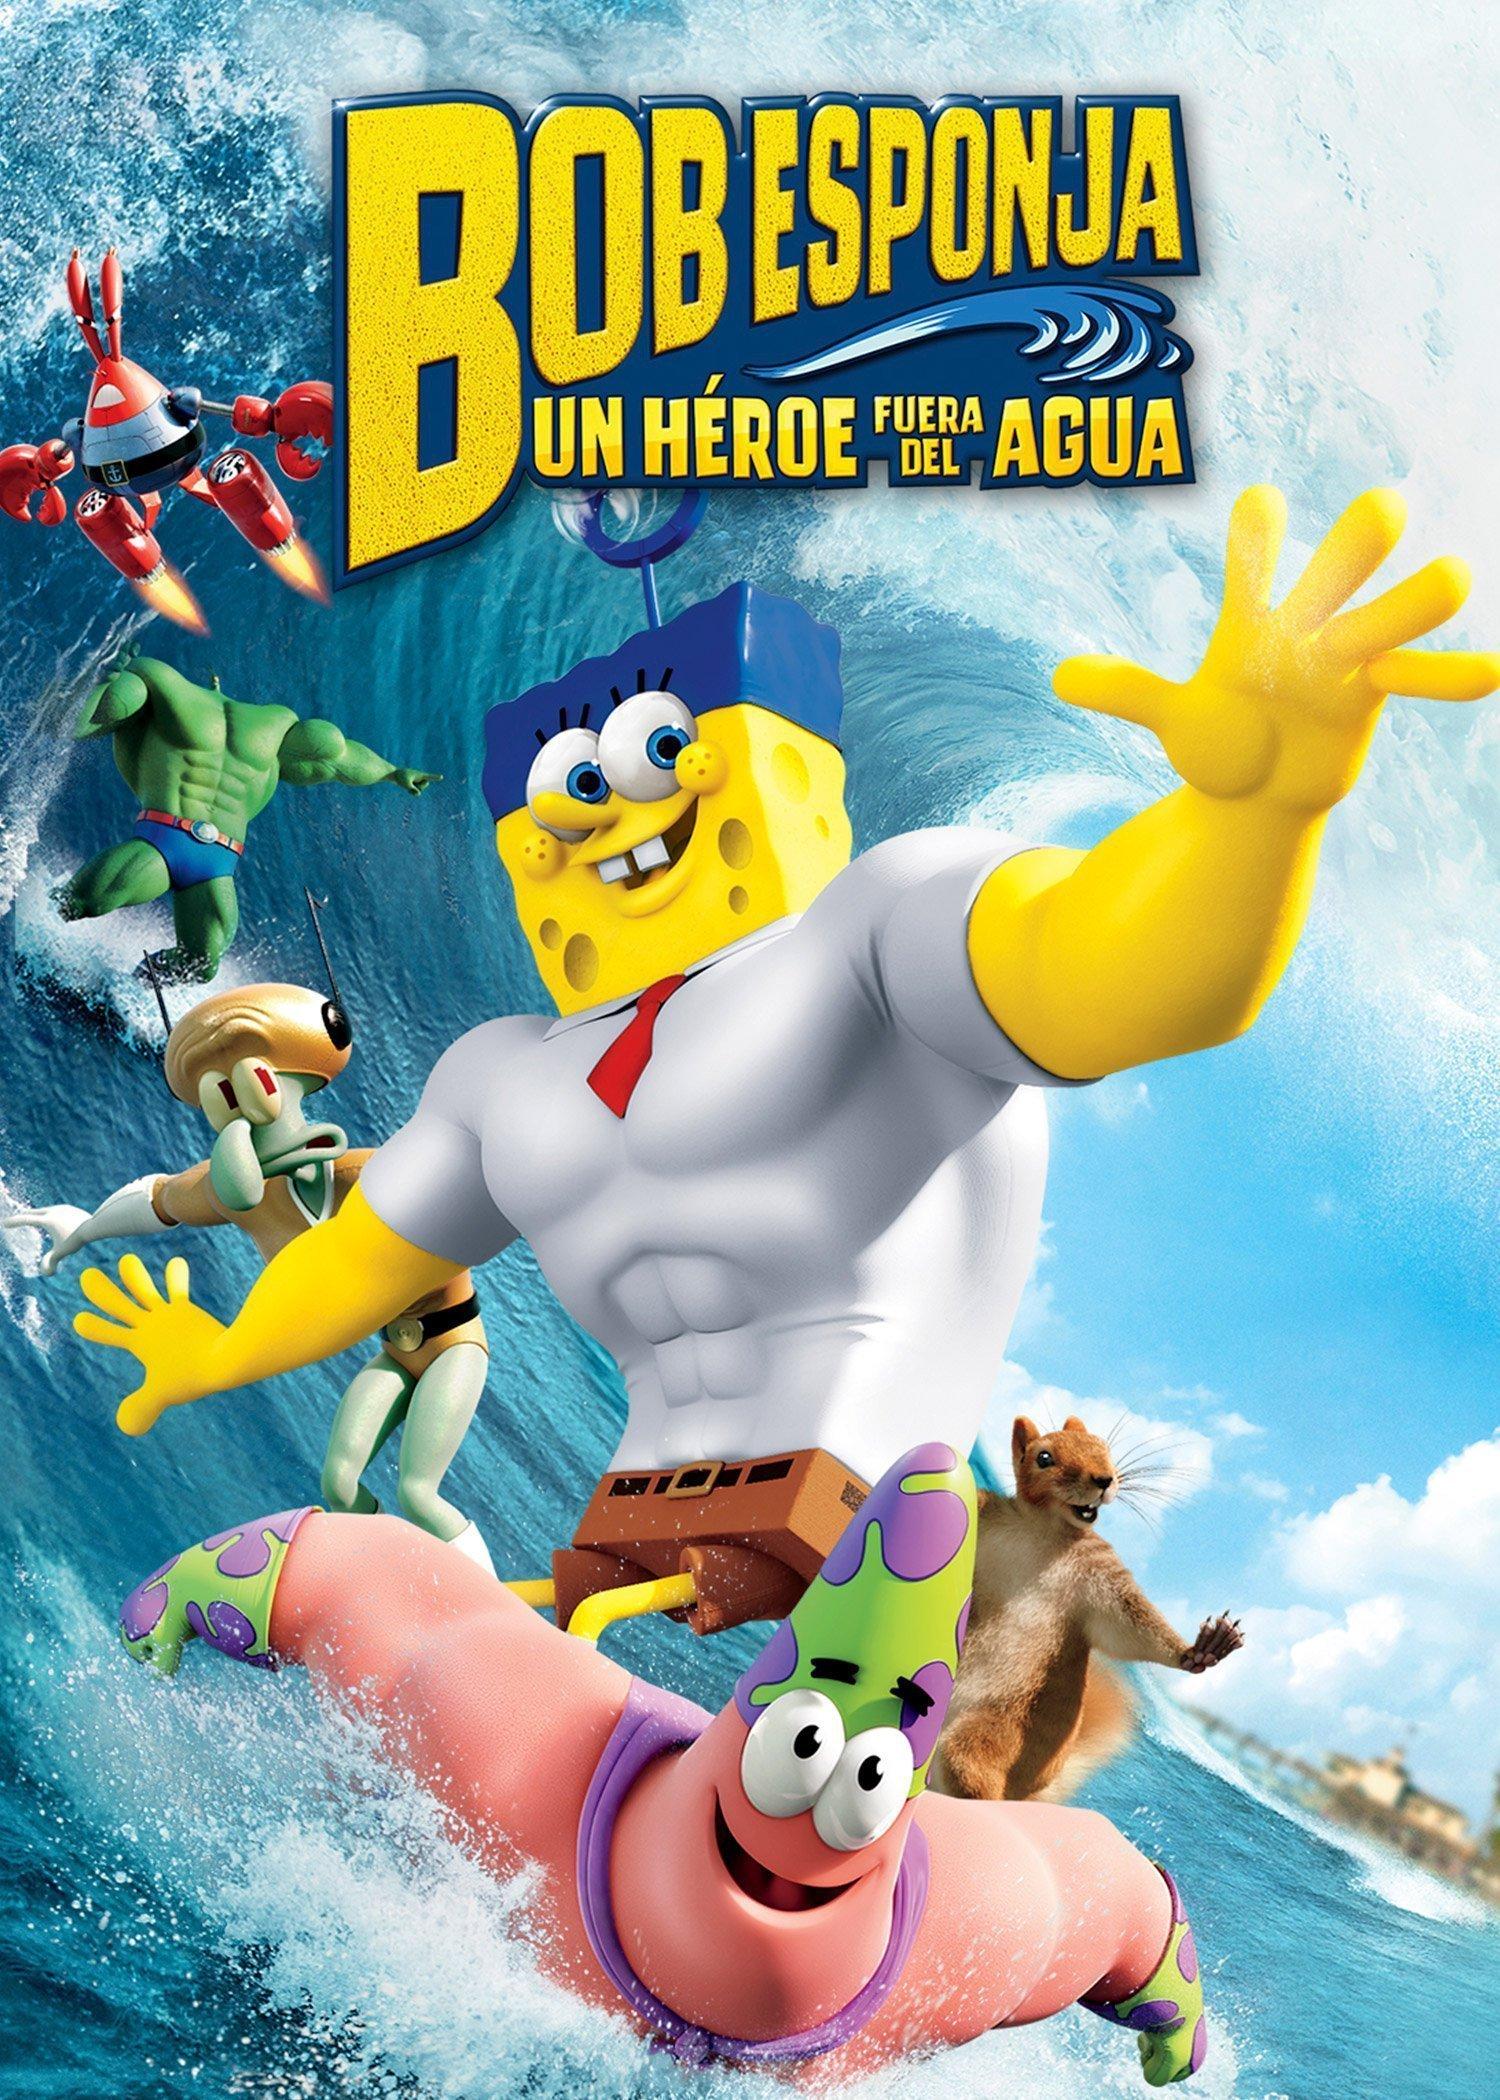 Bob Esponja: un Heroe fuera del agua (Extras)